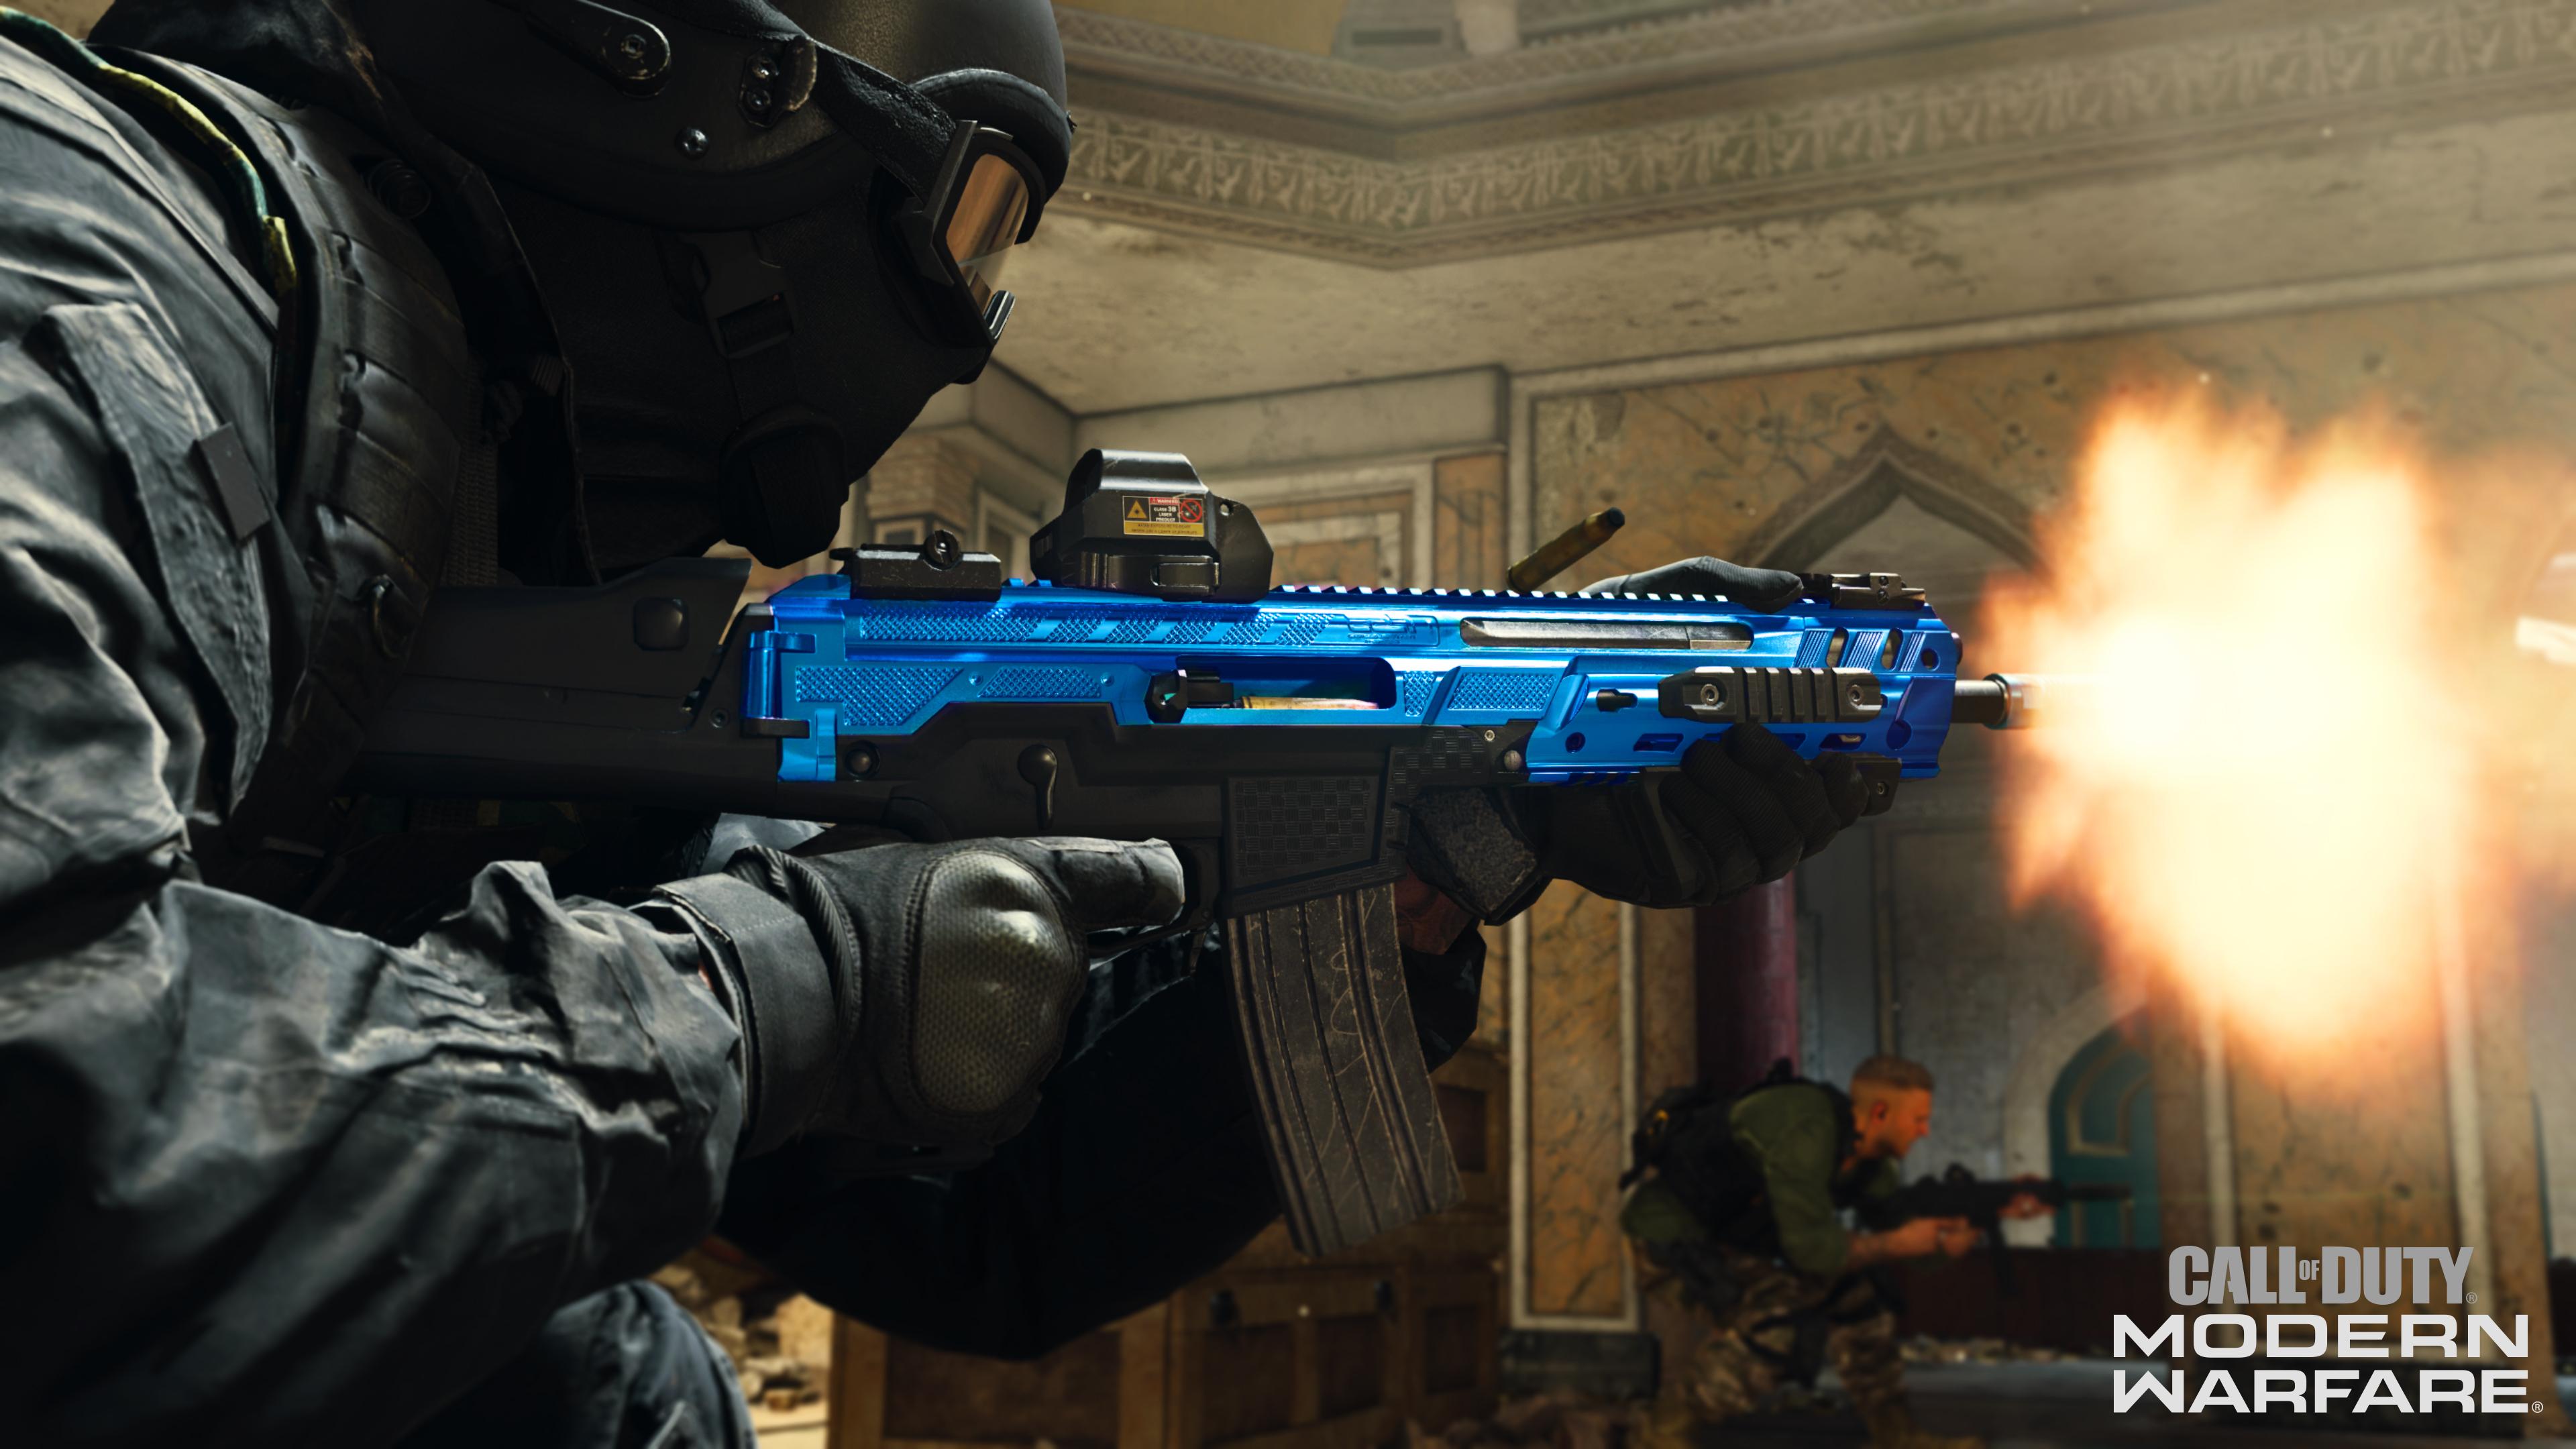 """""""Call of Duty"""": Videospiele-Boom in Corona-Krise nicht aufzuhalten"""